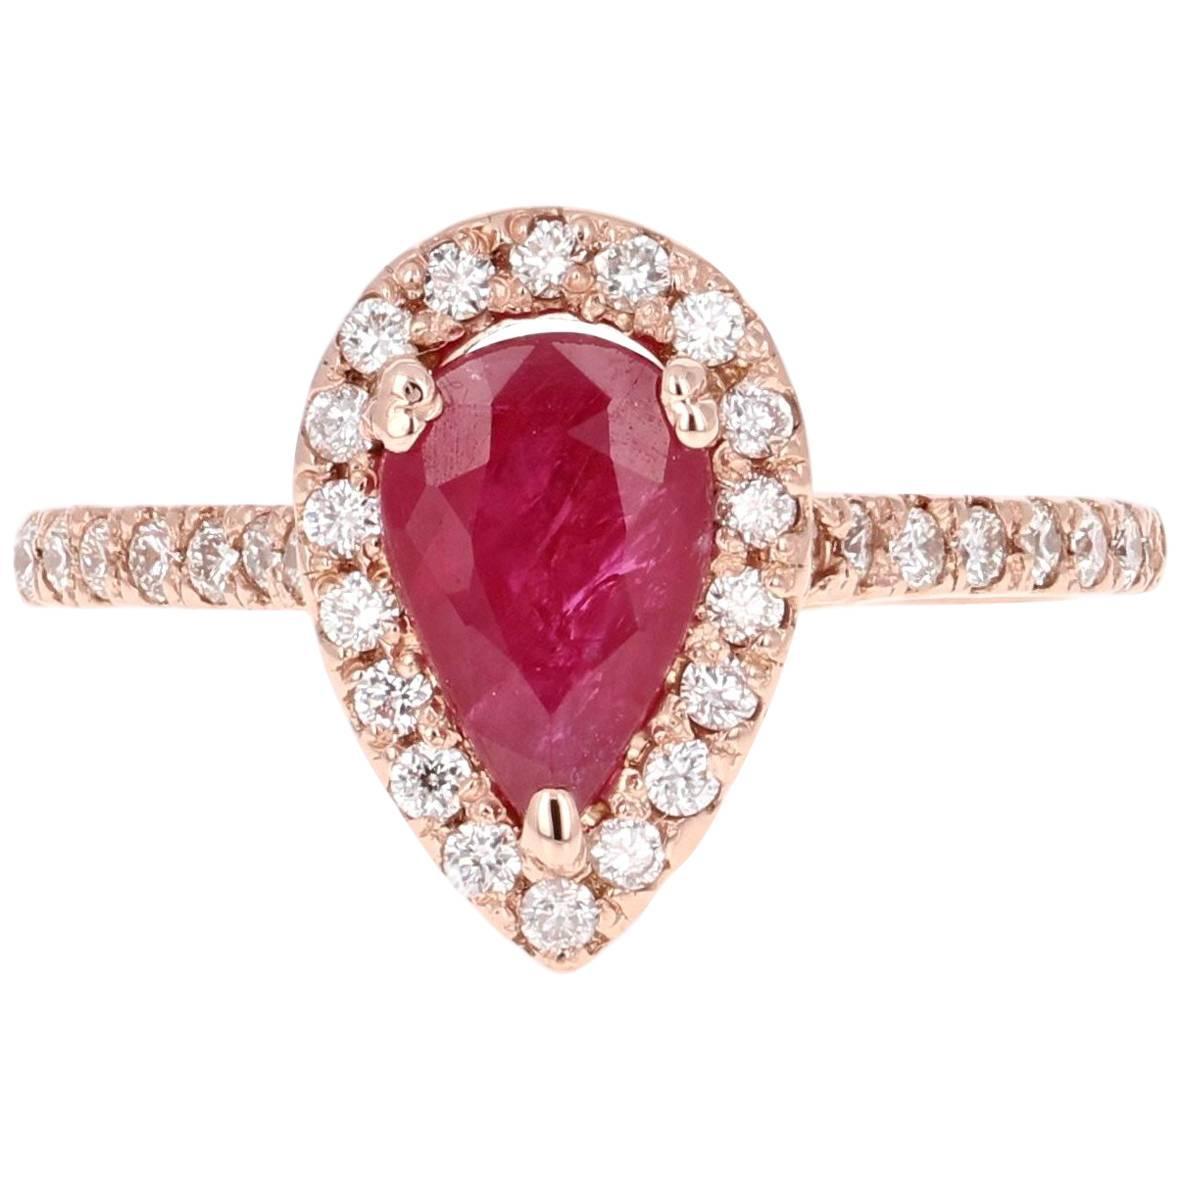 2.24 Carat Ruby Diamond Rose Gold Bridal Ring